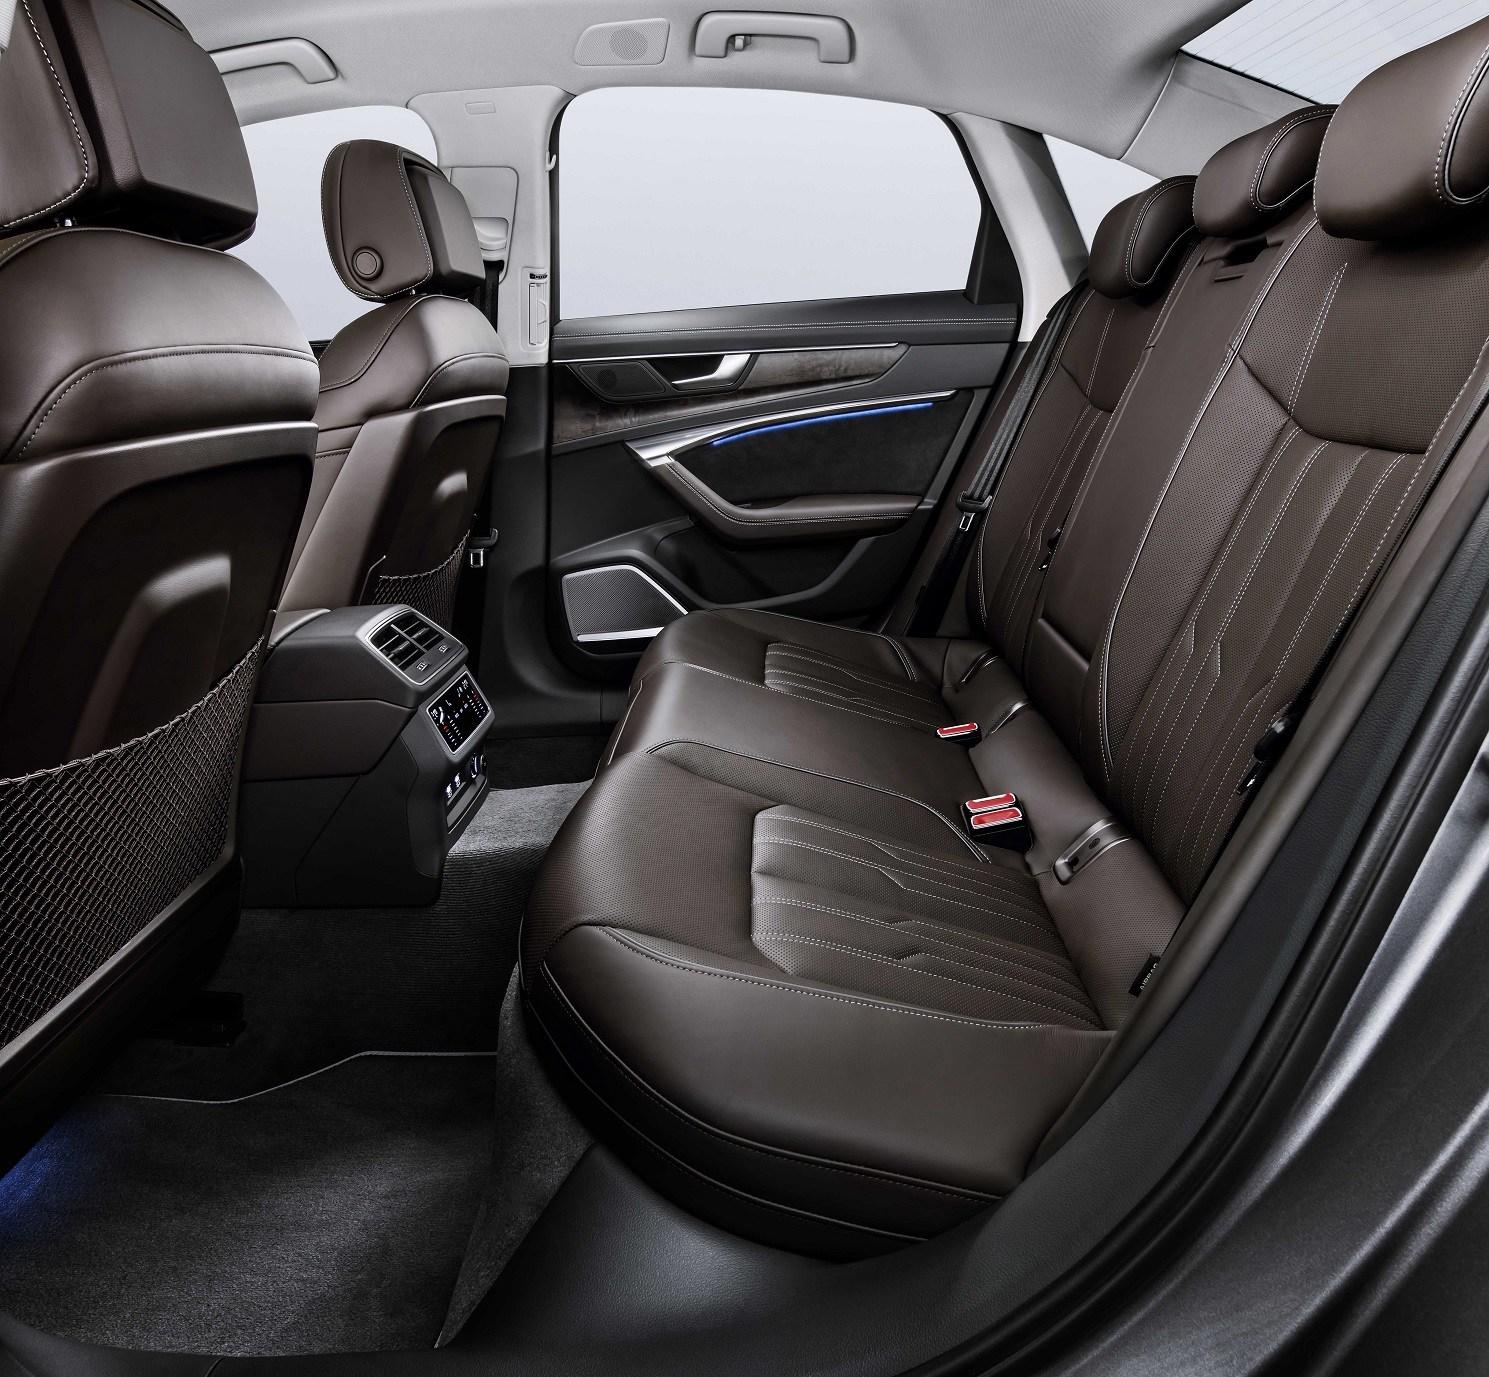 Το πανάκριβο και απλησίαστο Audi Α8 … μετέφερε την τεχνολογία του στο Α6